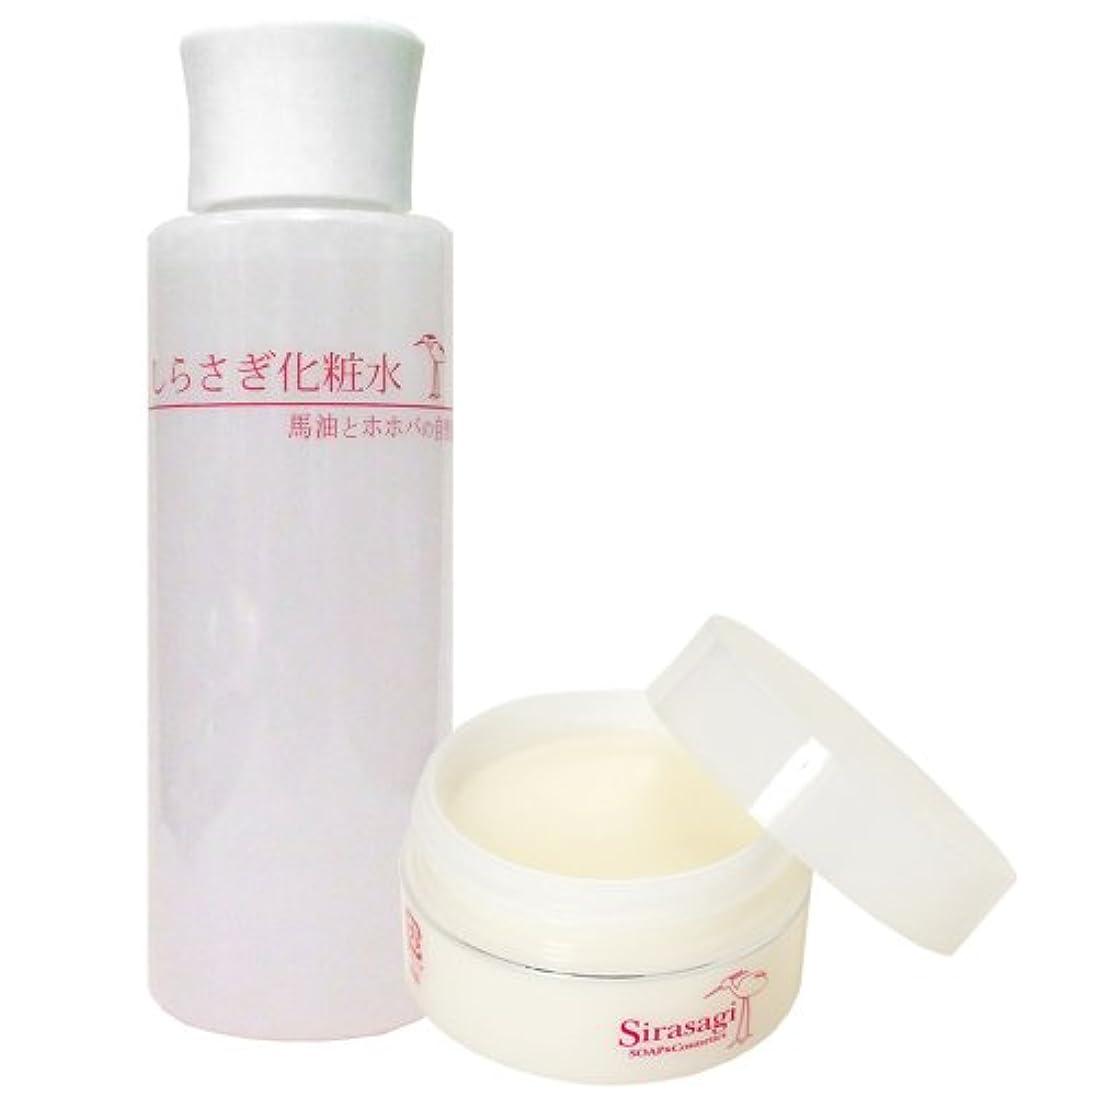 環境作曲家メアリアンジョーンズしらさぎクリーム(無香料)としらさぎ化粧水のセット